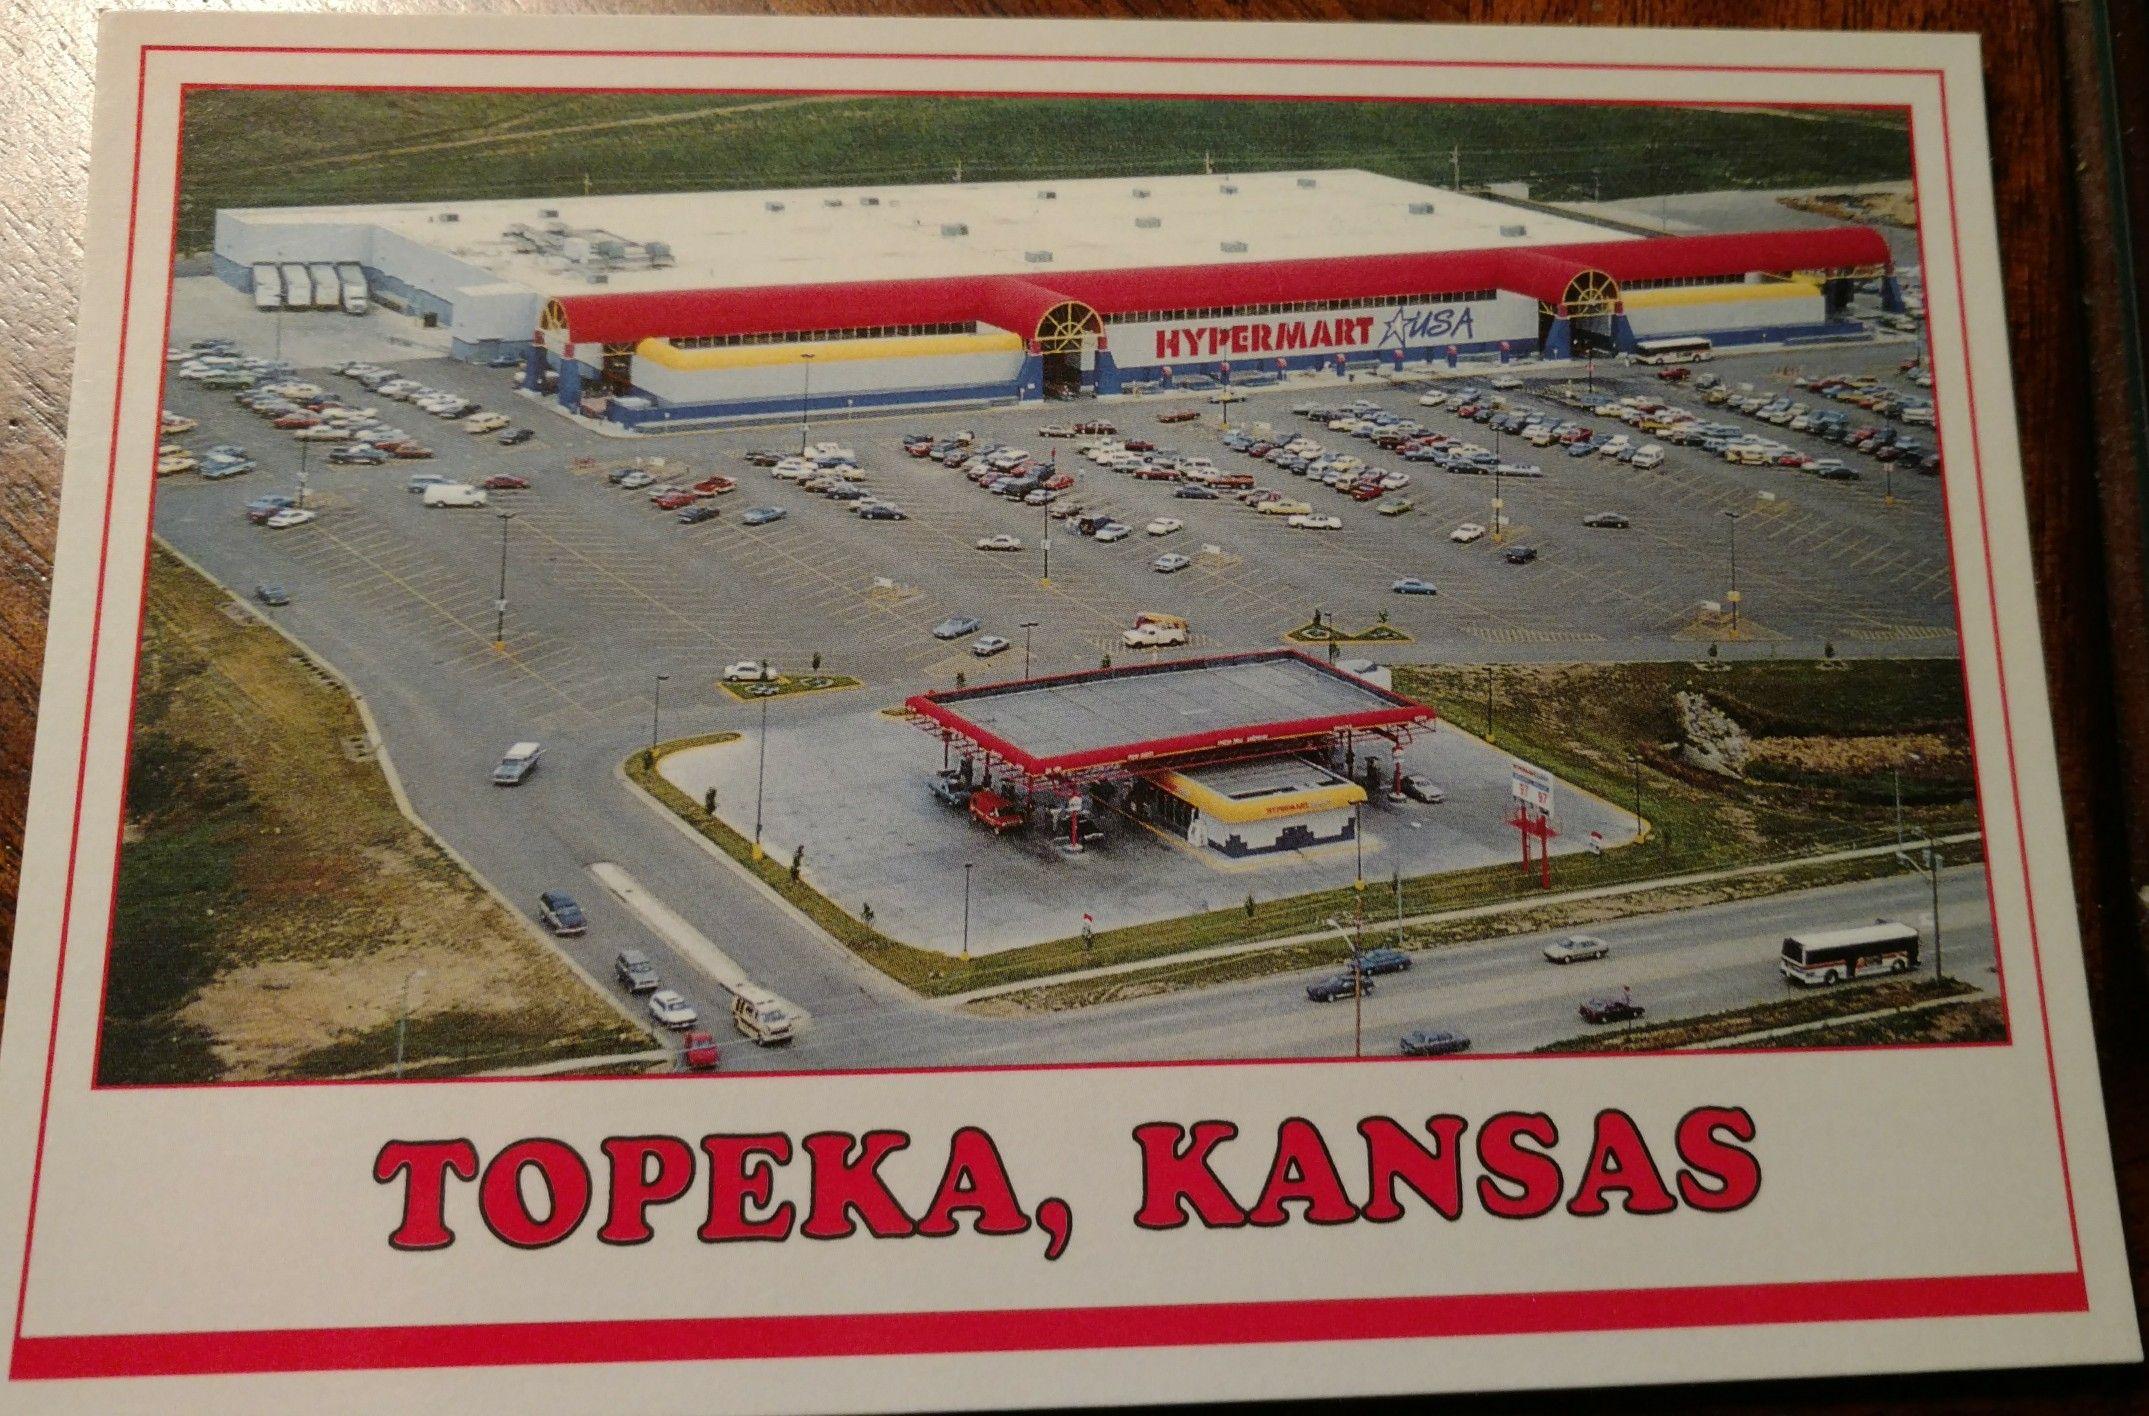 1989 The New Hypermart